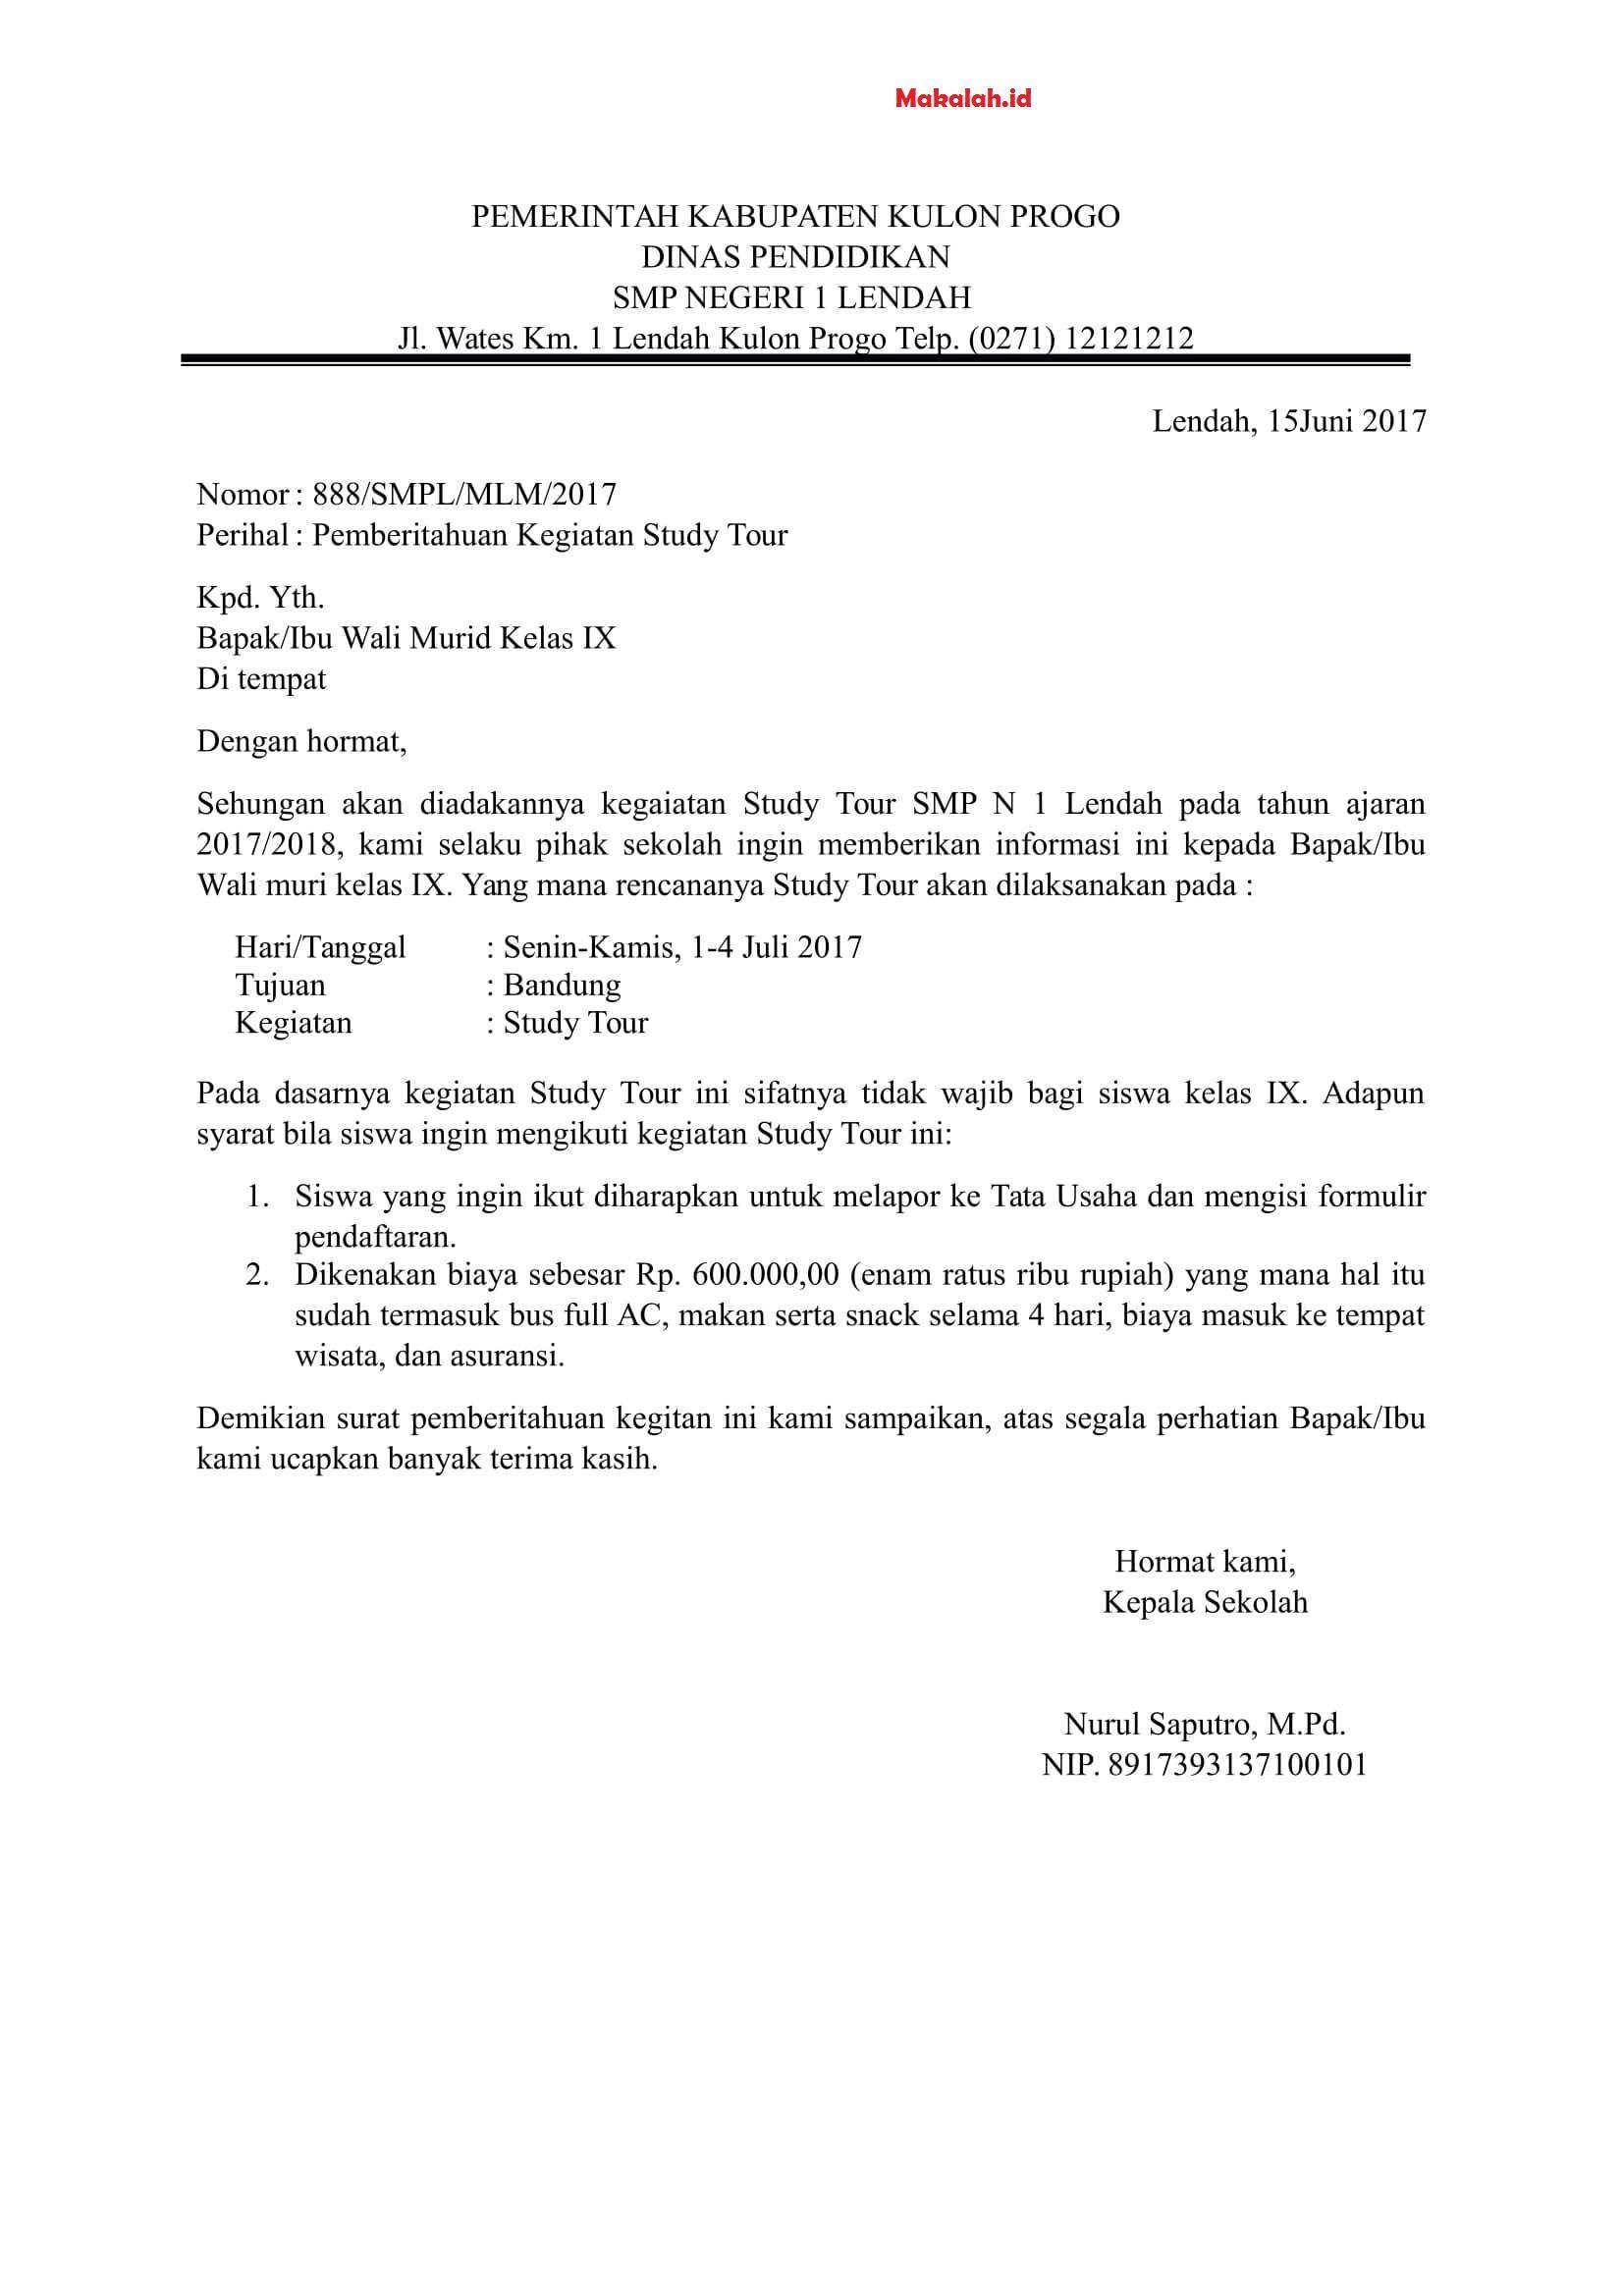 Contoh Surat Pemberitahuan Kegiatan Karya Wisata Di 2021 Surat Tujuan Sekolah